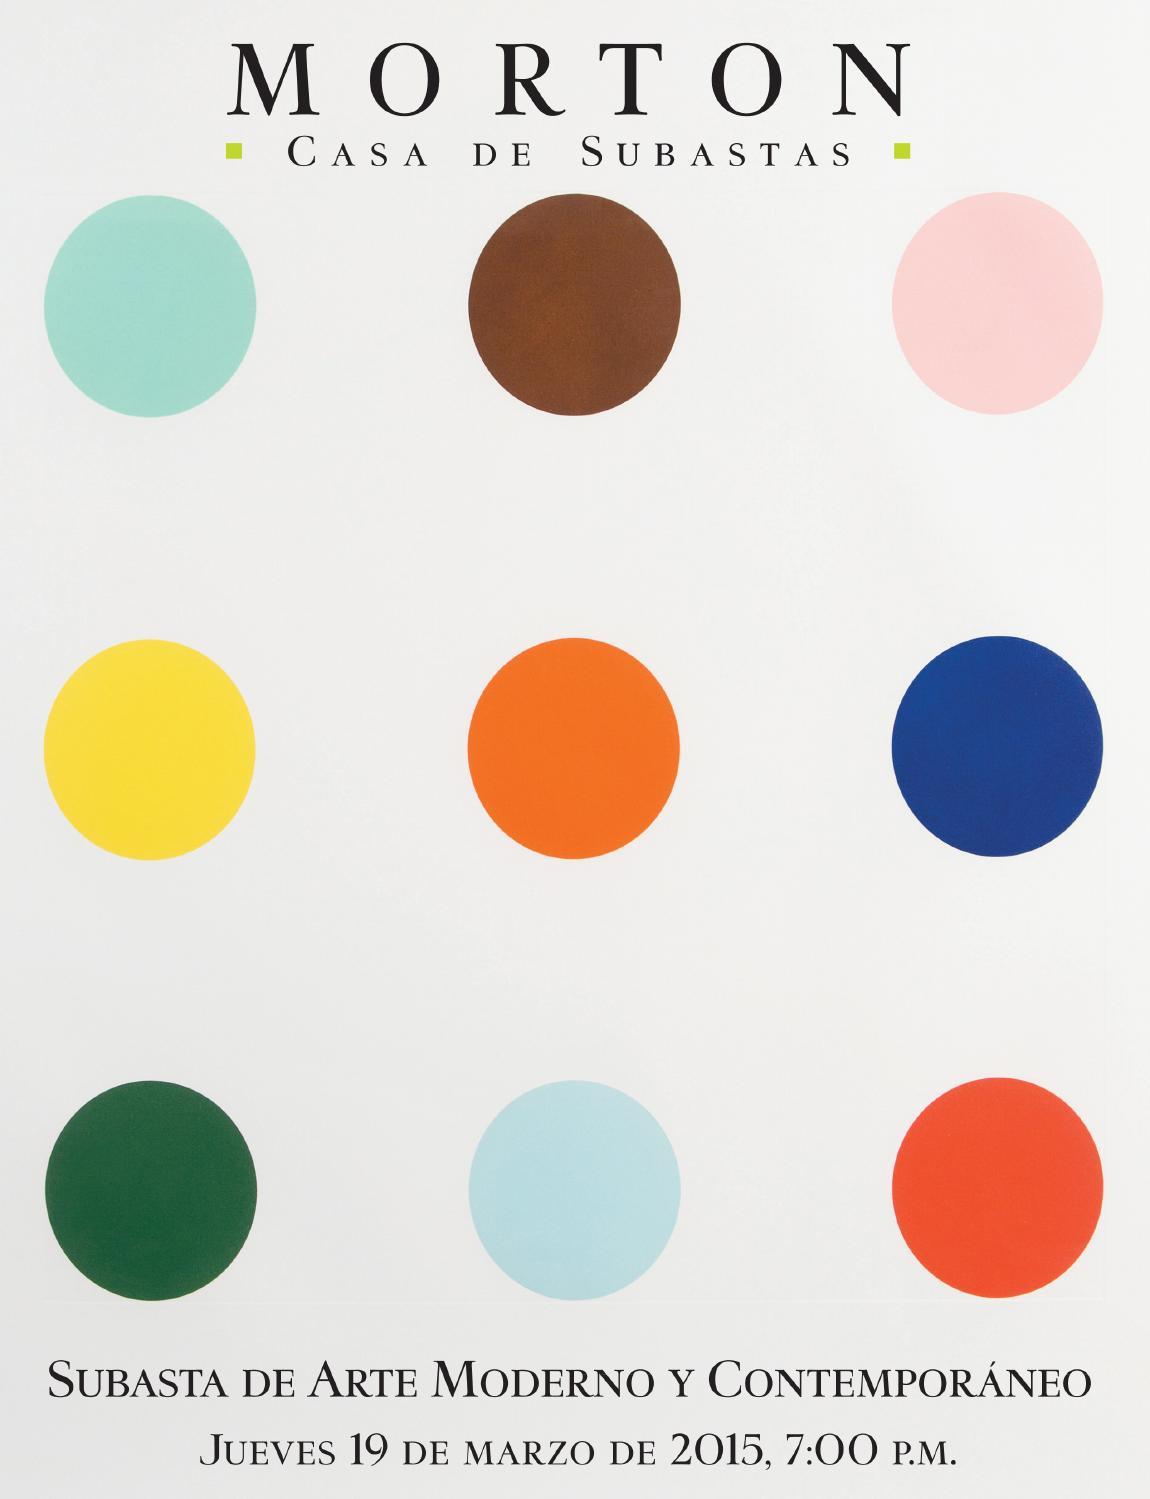 Subasta de Arte Moderno y Contemporáneo. by Morton Subastas - issuu